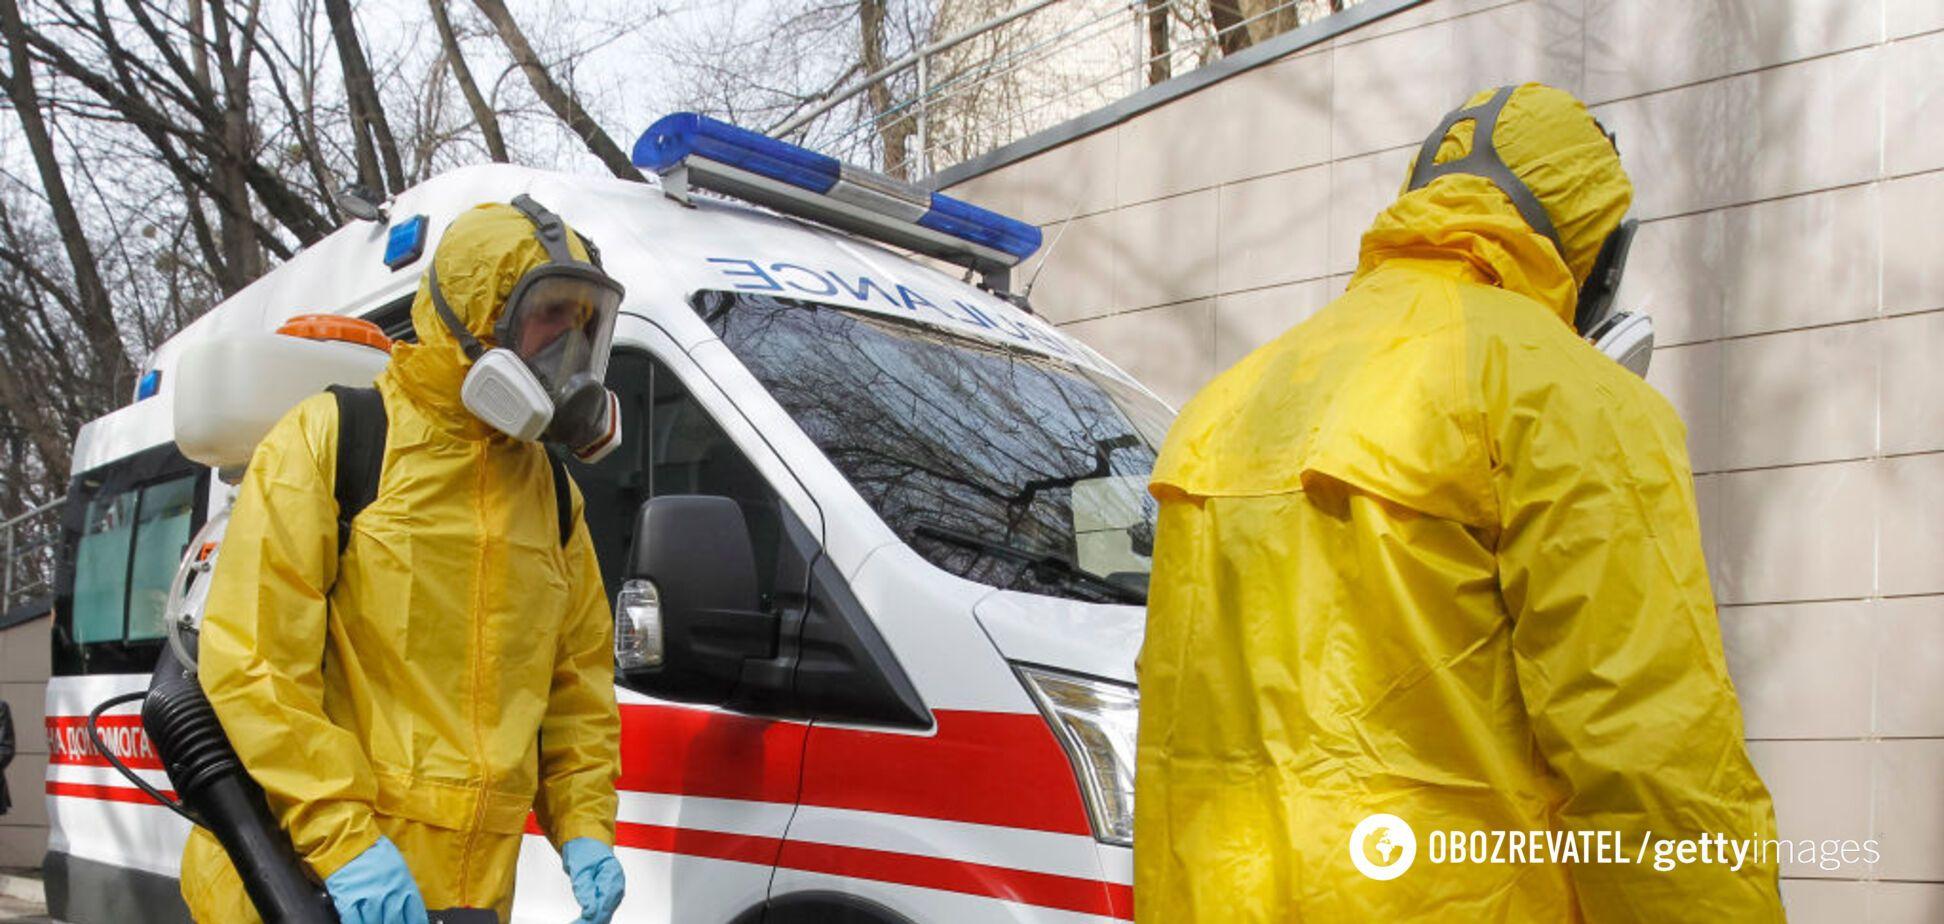 Ситуация критическая: в Черновицкой области произошла вспышка COVID-19